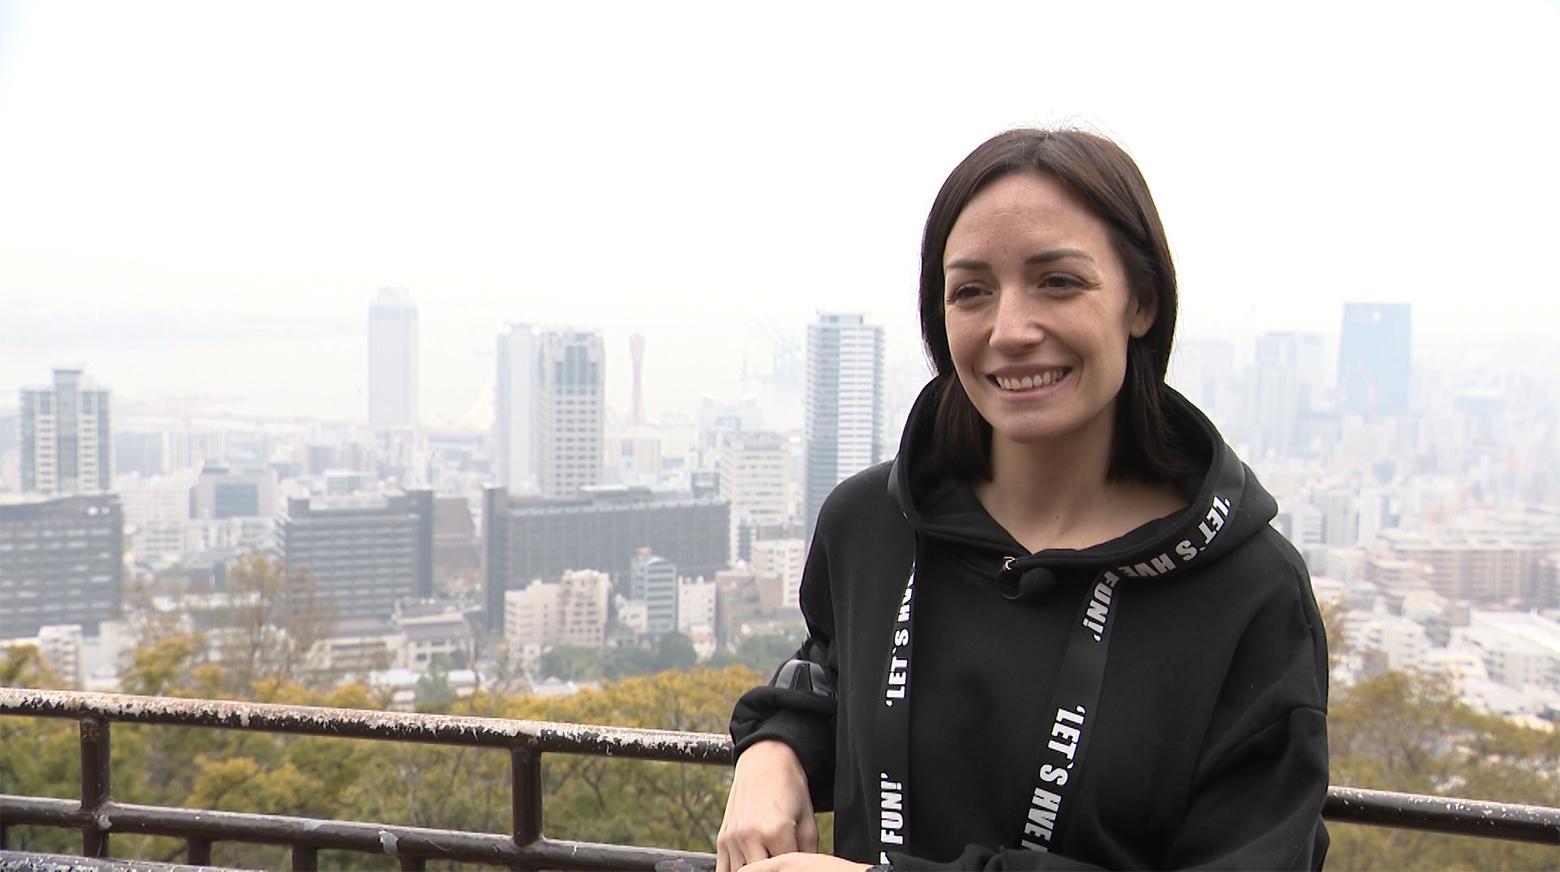 Iniesta TV: Interviews Episode 9: Anna, Iniesta's wife, talks about Iniesta (First part)